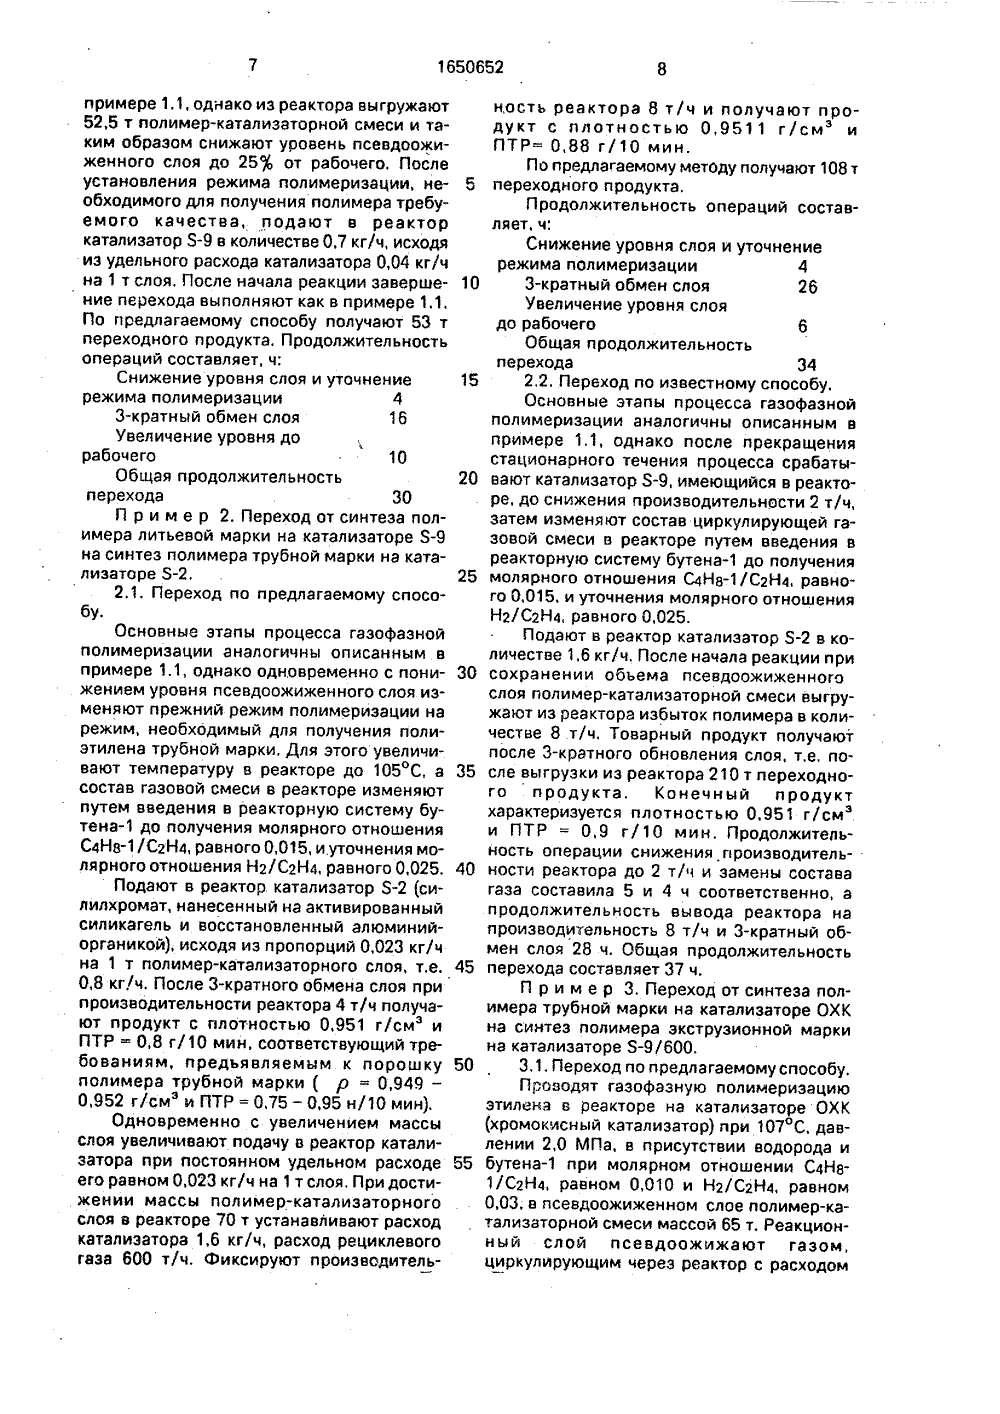 инструкция по эксплуатации ср6-10